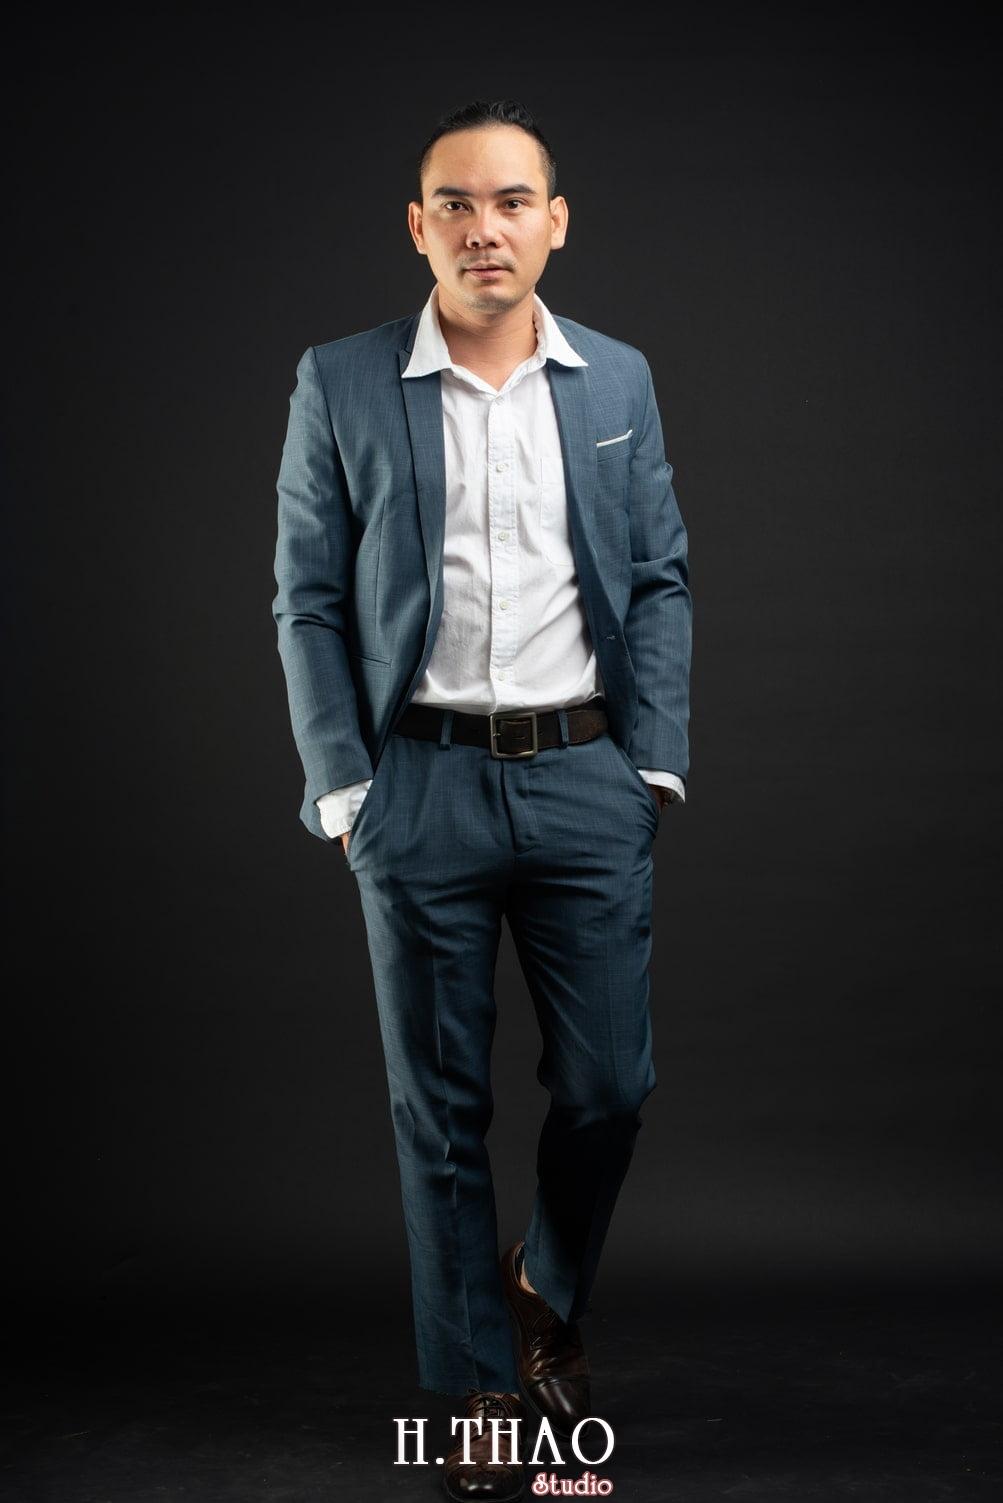 Anh Profile Ngoc Trai 13 min - Album ảnh phong cách cá tính mạnh mẽ anh Ngọc Trai - HThao Studio